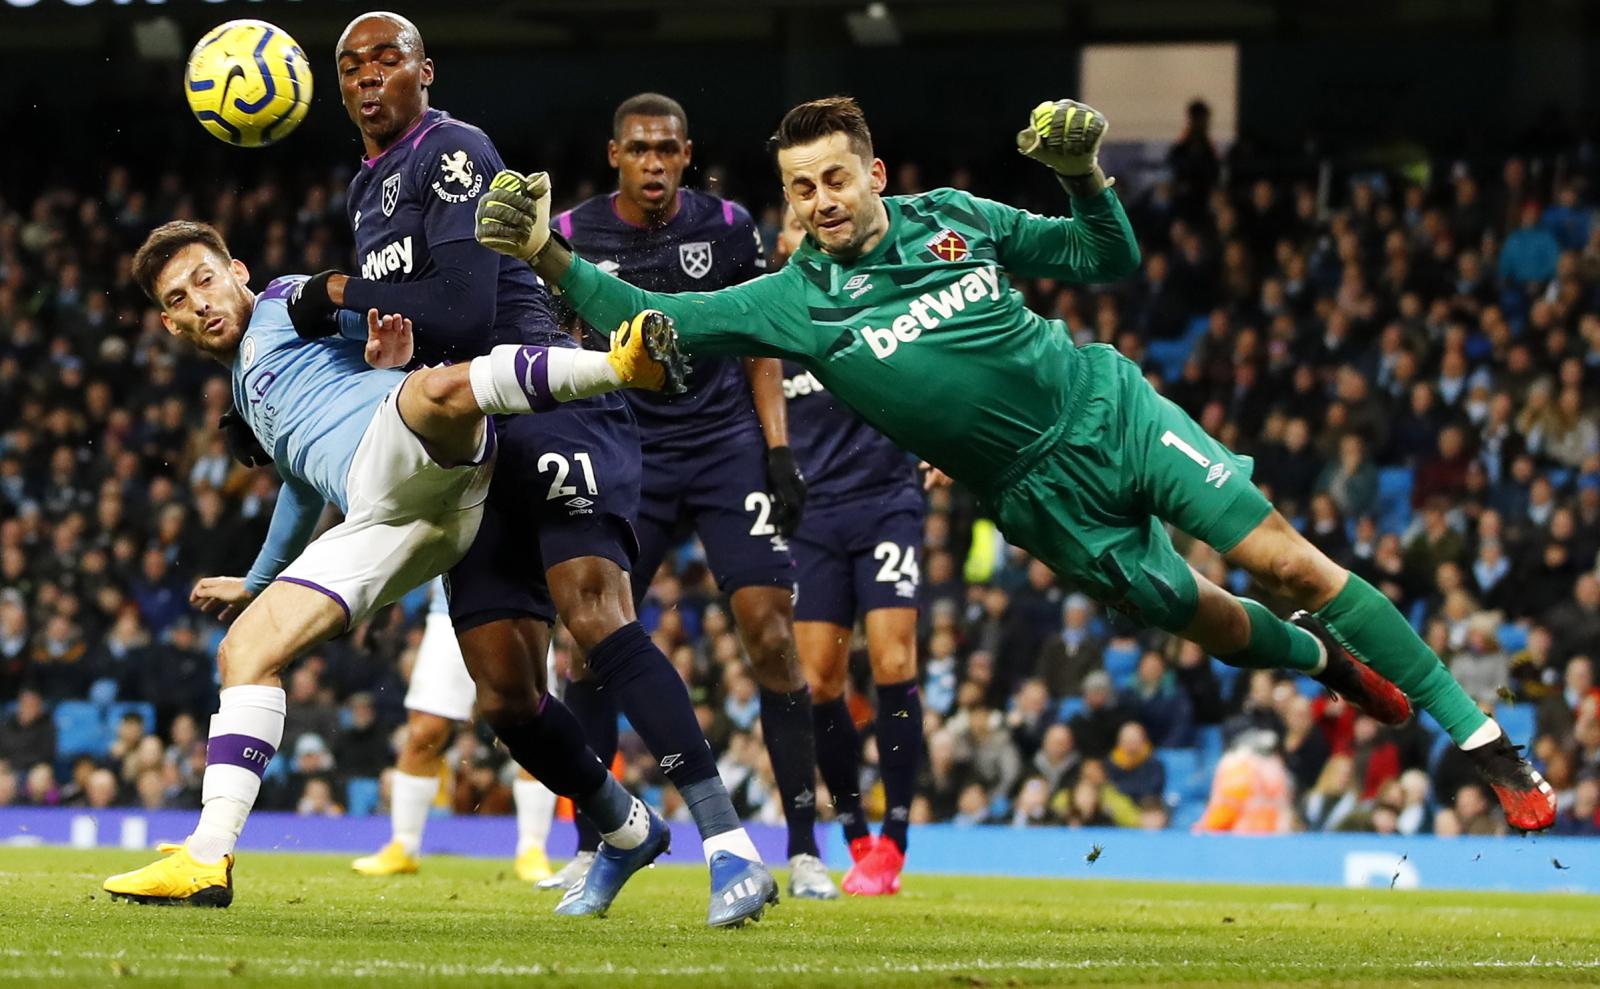 Premier League. Manchester City - West Ham. Łukasz Fabiański chwalony przez kibiców - Sport WP SportoweFakty